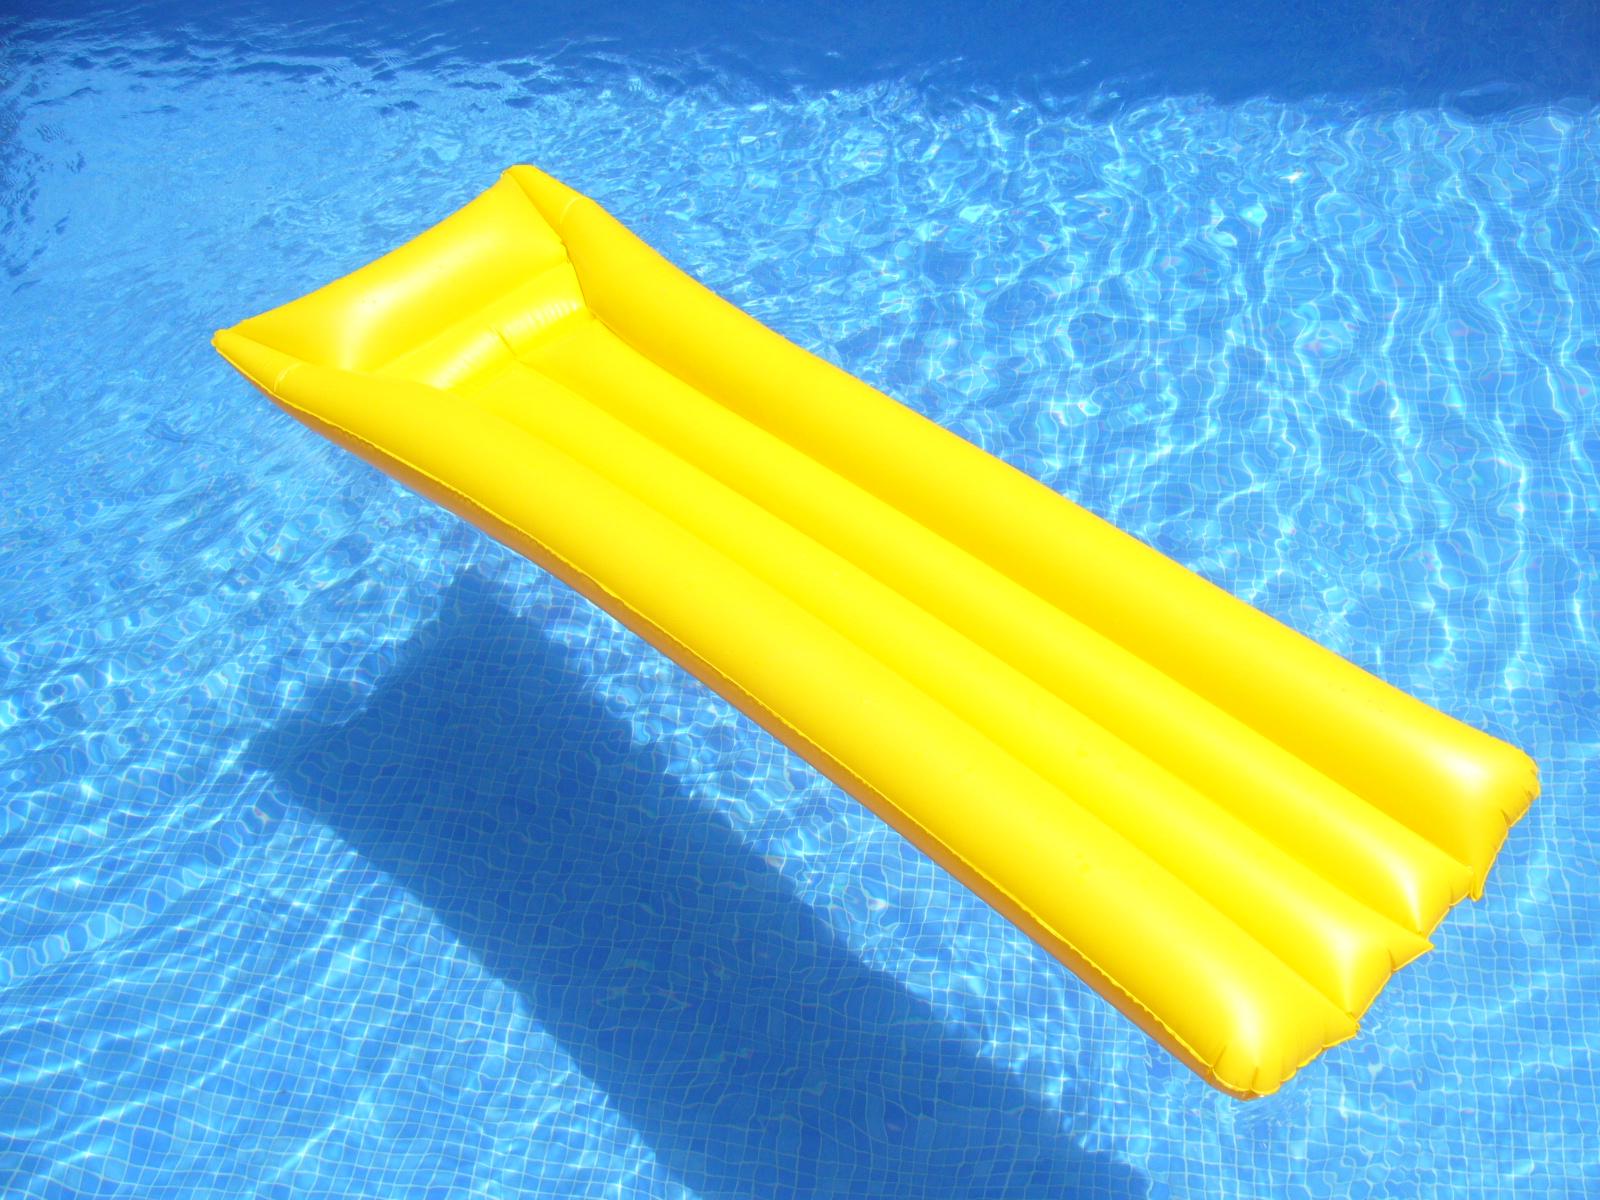 Colchoneta amarilla fotos de concurso 39 la foto del verano 2009 39 - Colchonetas para piscina ...